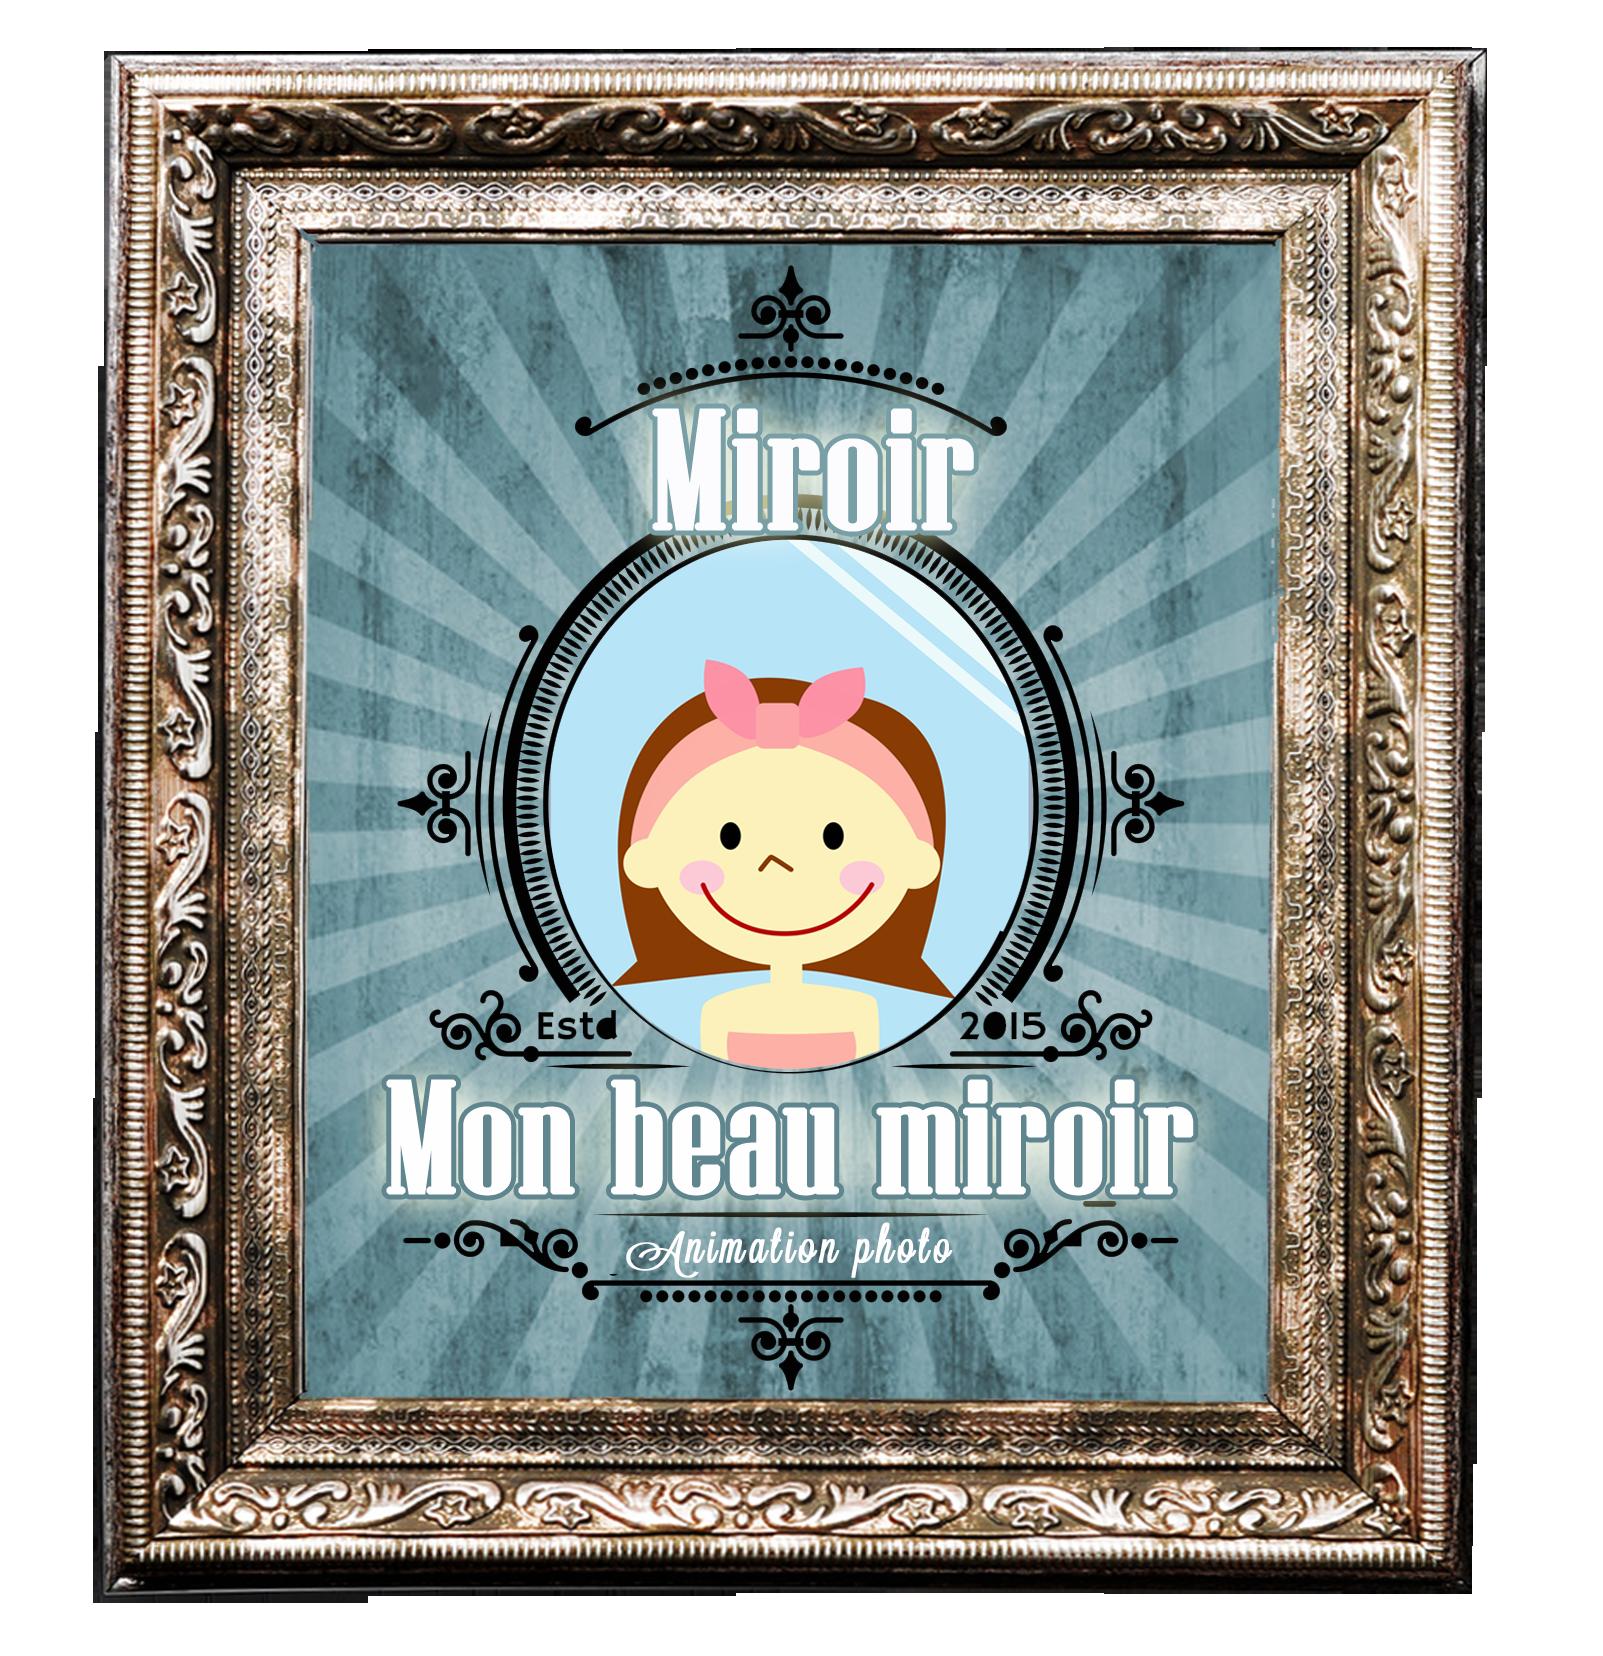 animation photo logo miroir V2 copie